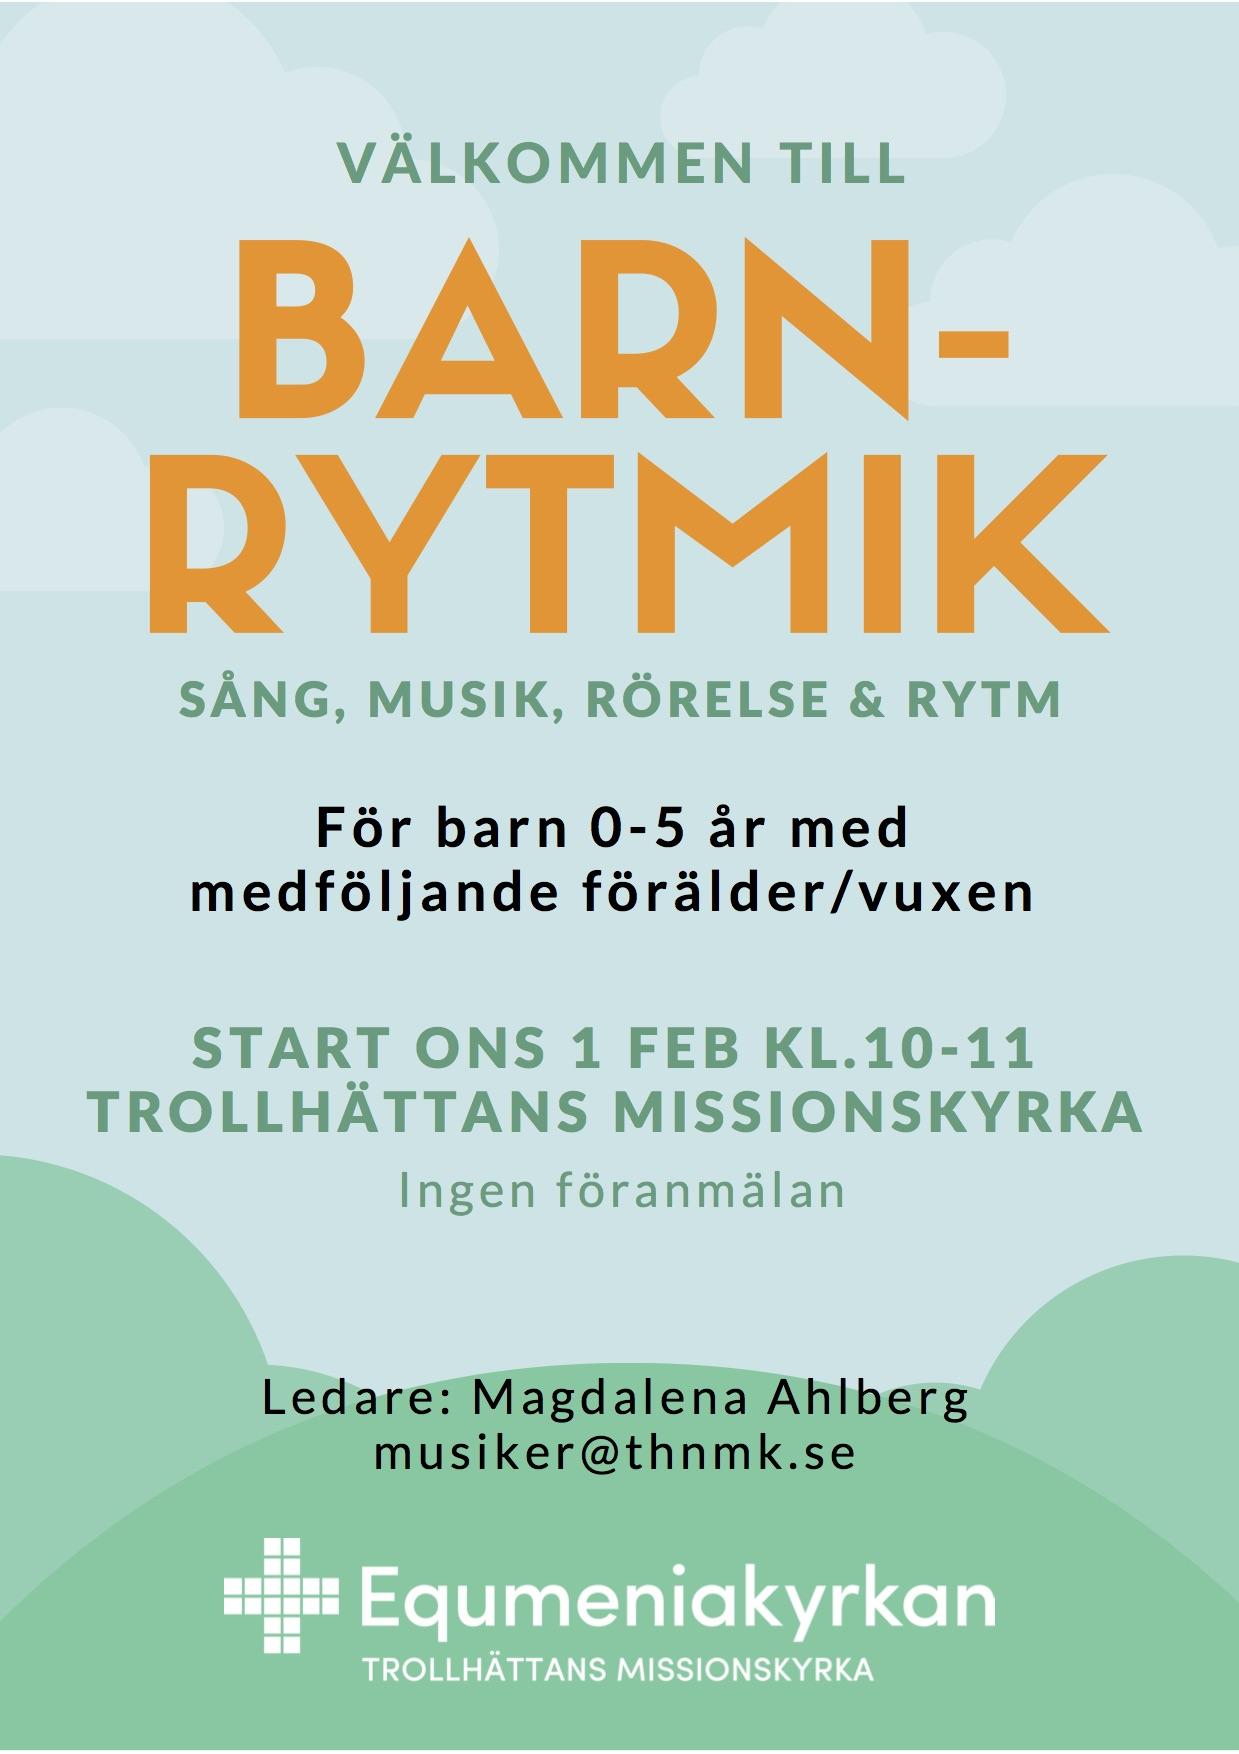 Välkommen till Barnrytmik - affisch